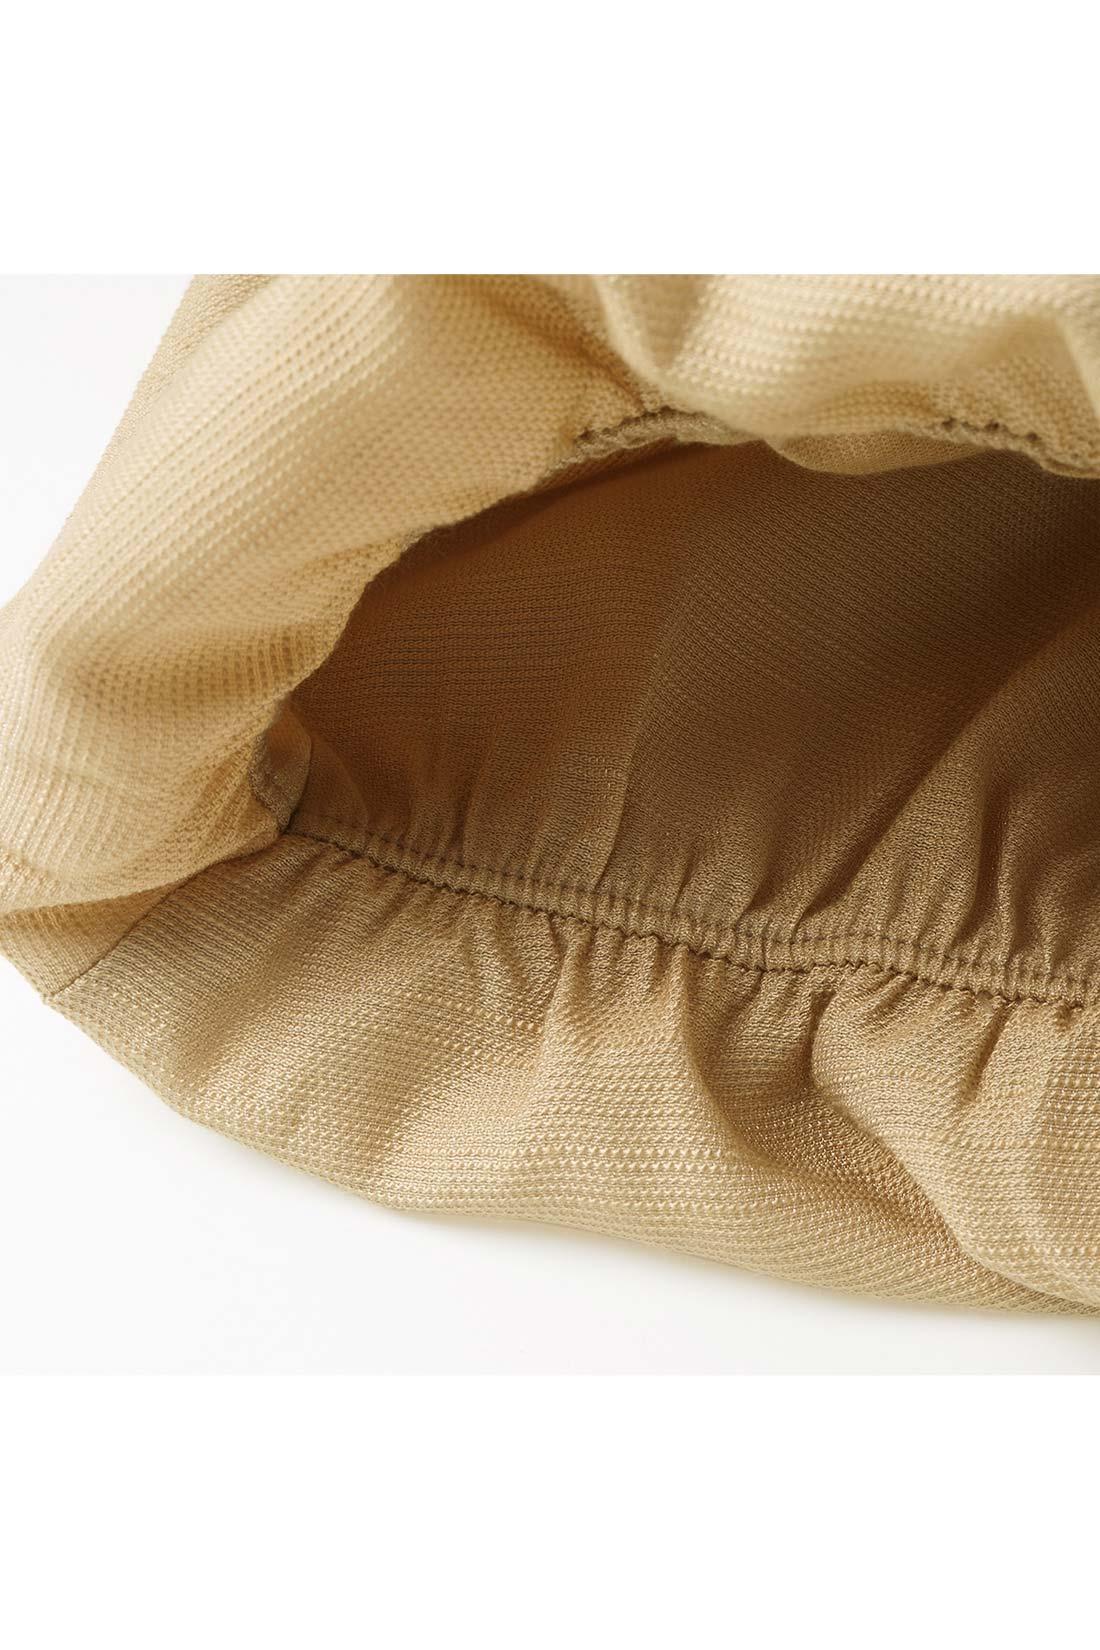 締め付けない袖ゴム仕様。 袖口のゴム遣いで自然なボリュームシルエットに。快適なフィット感で袖丈の調節もOK。